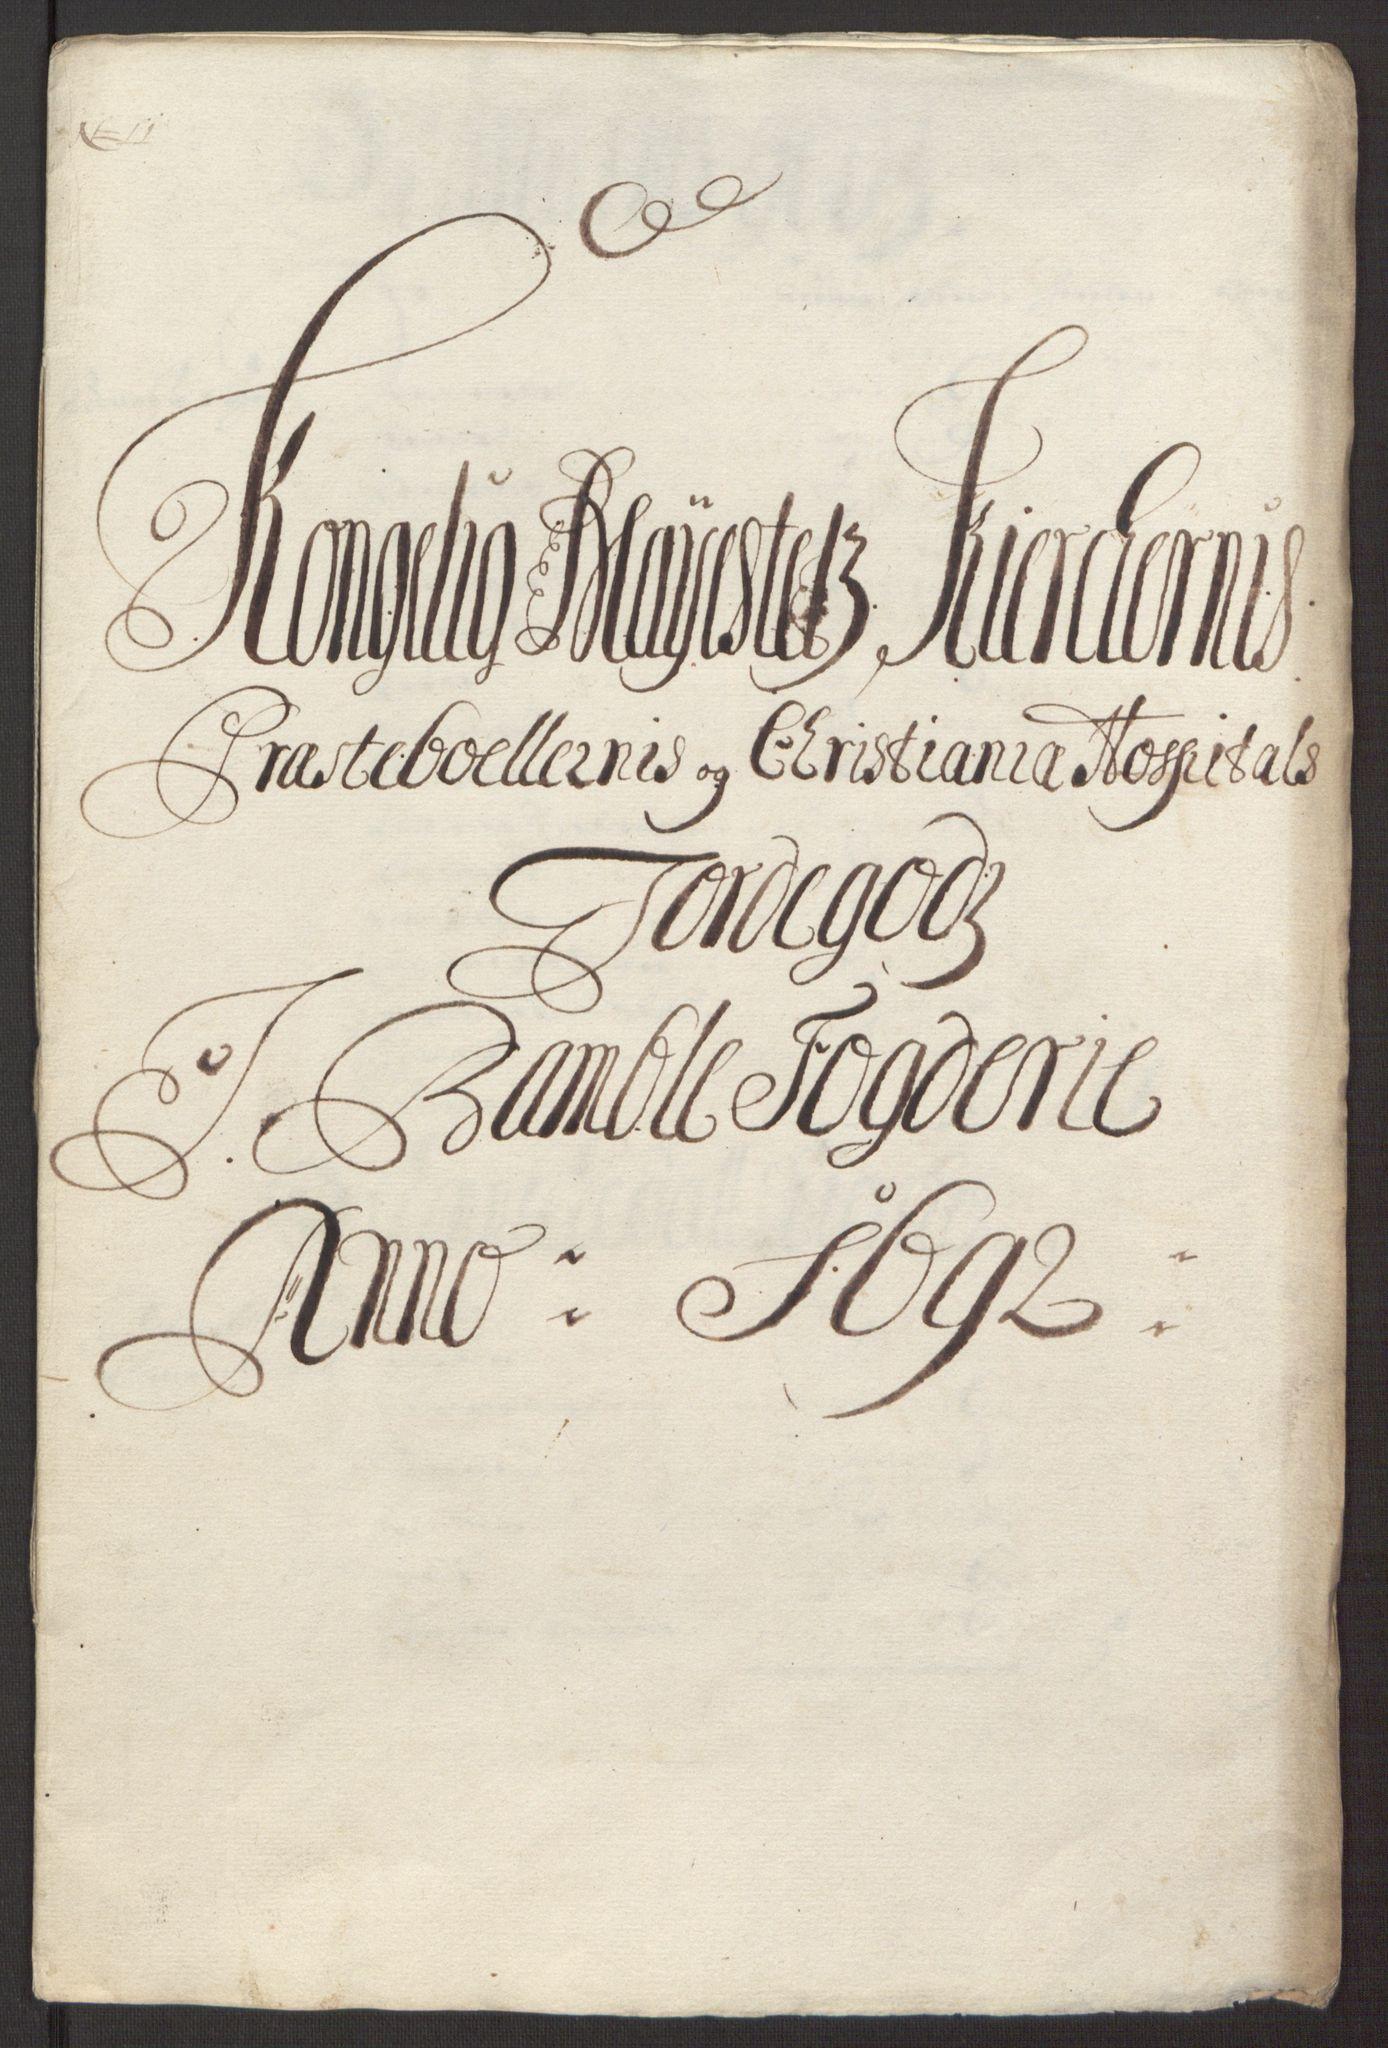 RA, Rentekammeret inntil 1814, Reviderte regnskaper, Fogderegnskap, R34/L2052: Fogderegnskap Bamble, 1692-1693, s. 240